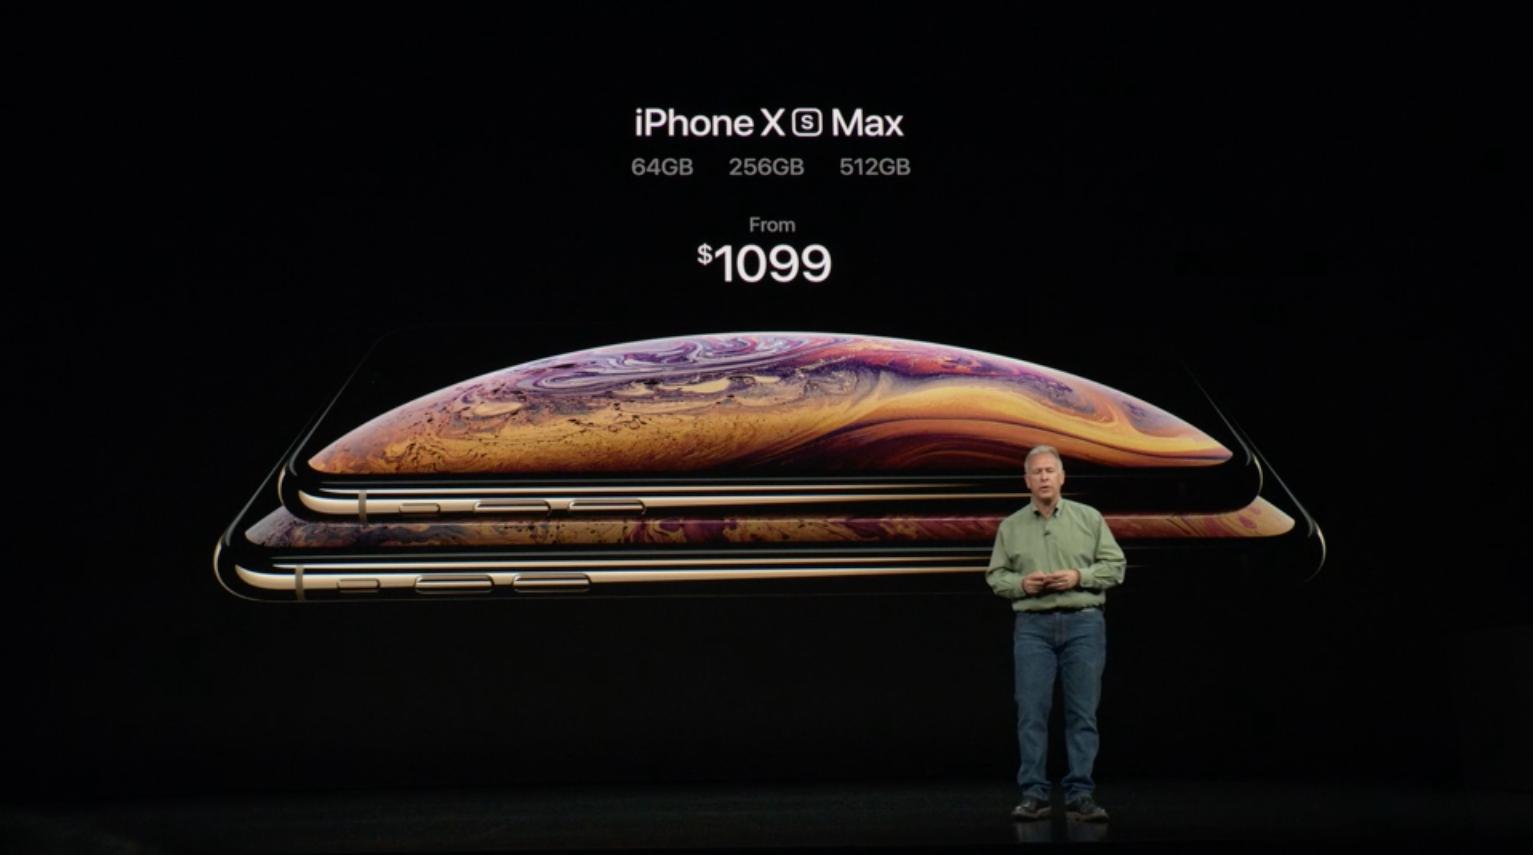 如何第一时间抢到新iPhone?是时候看看这份抢购攻略了,靠谱!